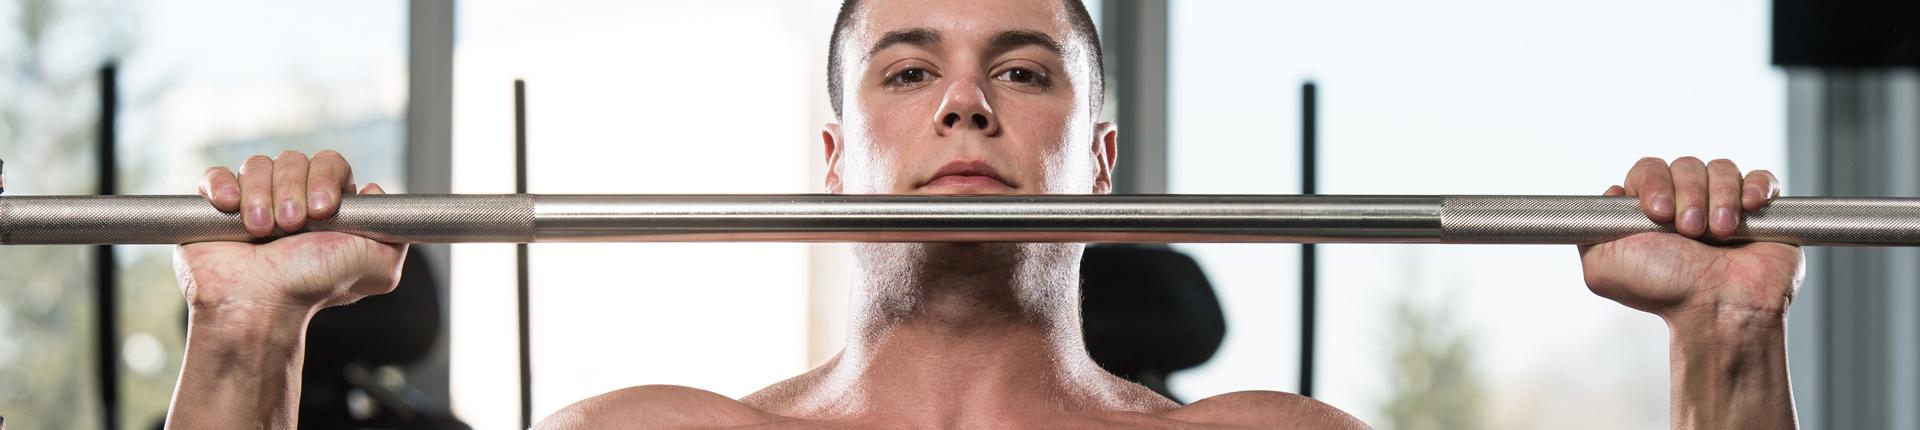 Siła chwytu - jak wzmacniać i poprawić siłę chwytu?